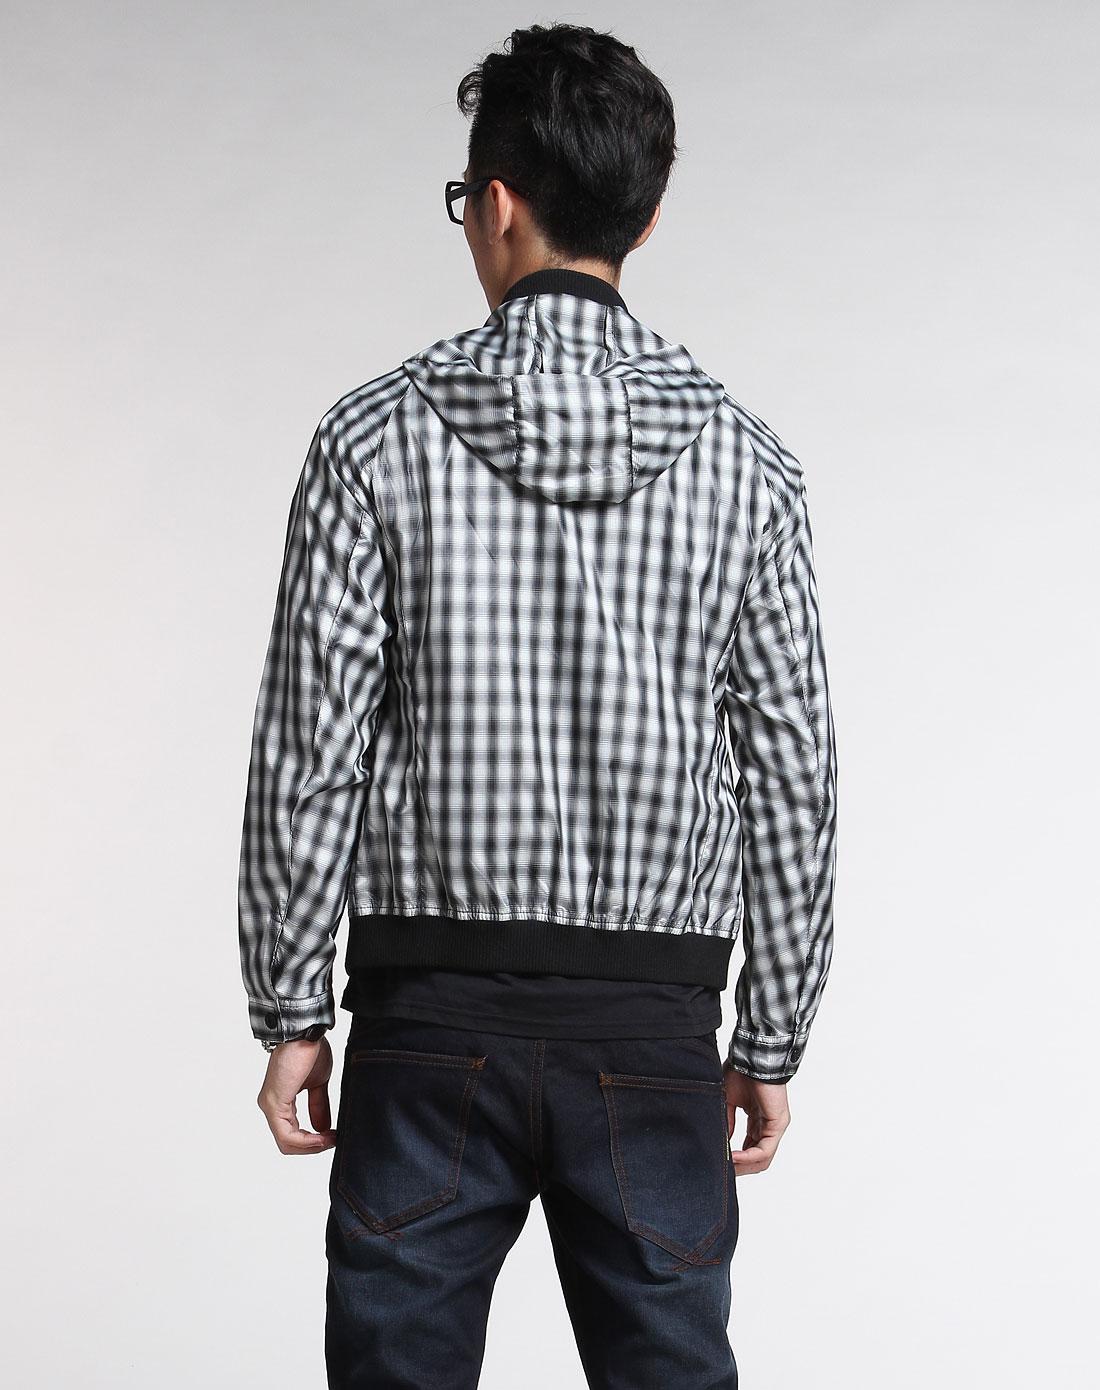 黑白色时尚格子休闲连帽长袖外套